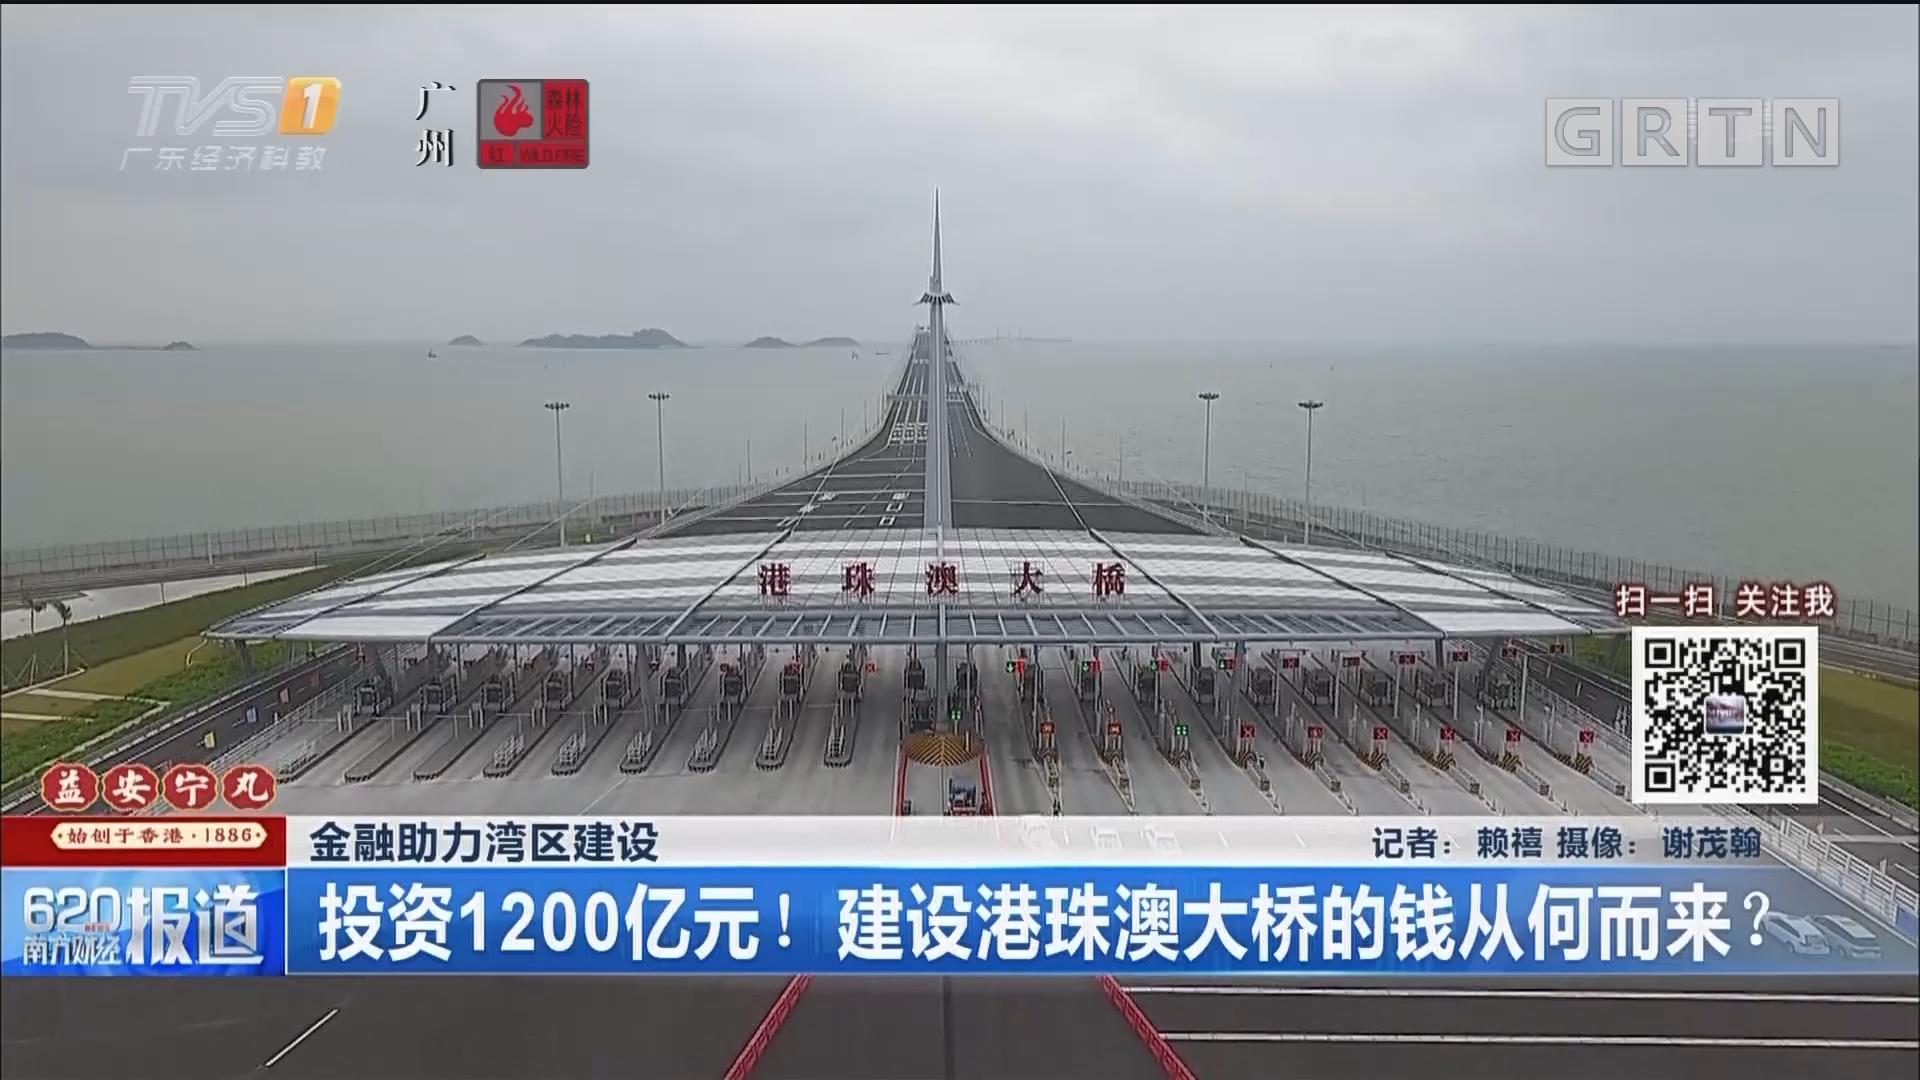 金融助力湾区建设 投资1200亿元!建设港珠澳大桥的钱从何而来?